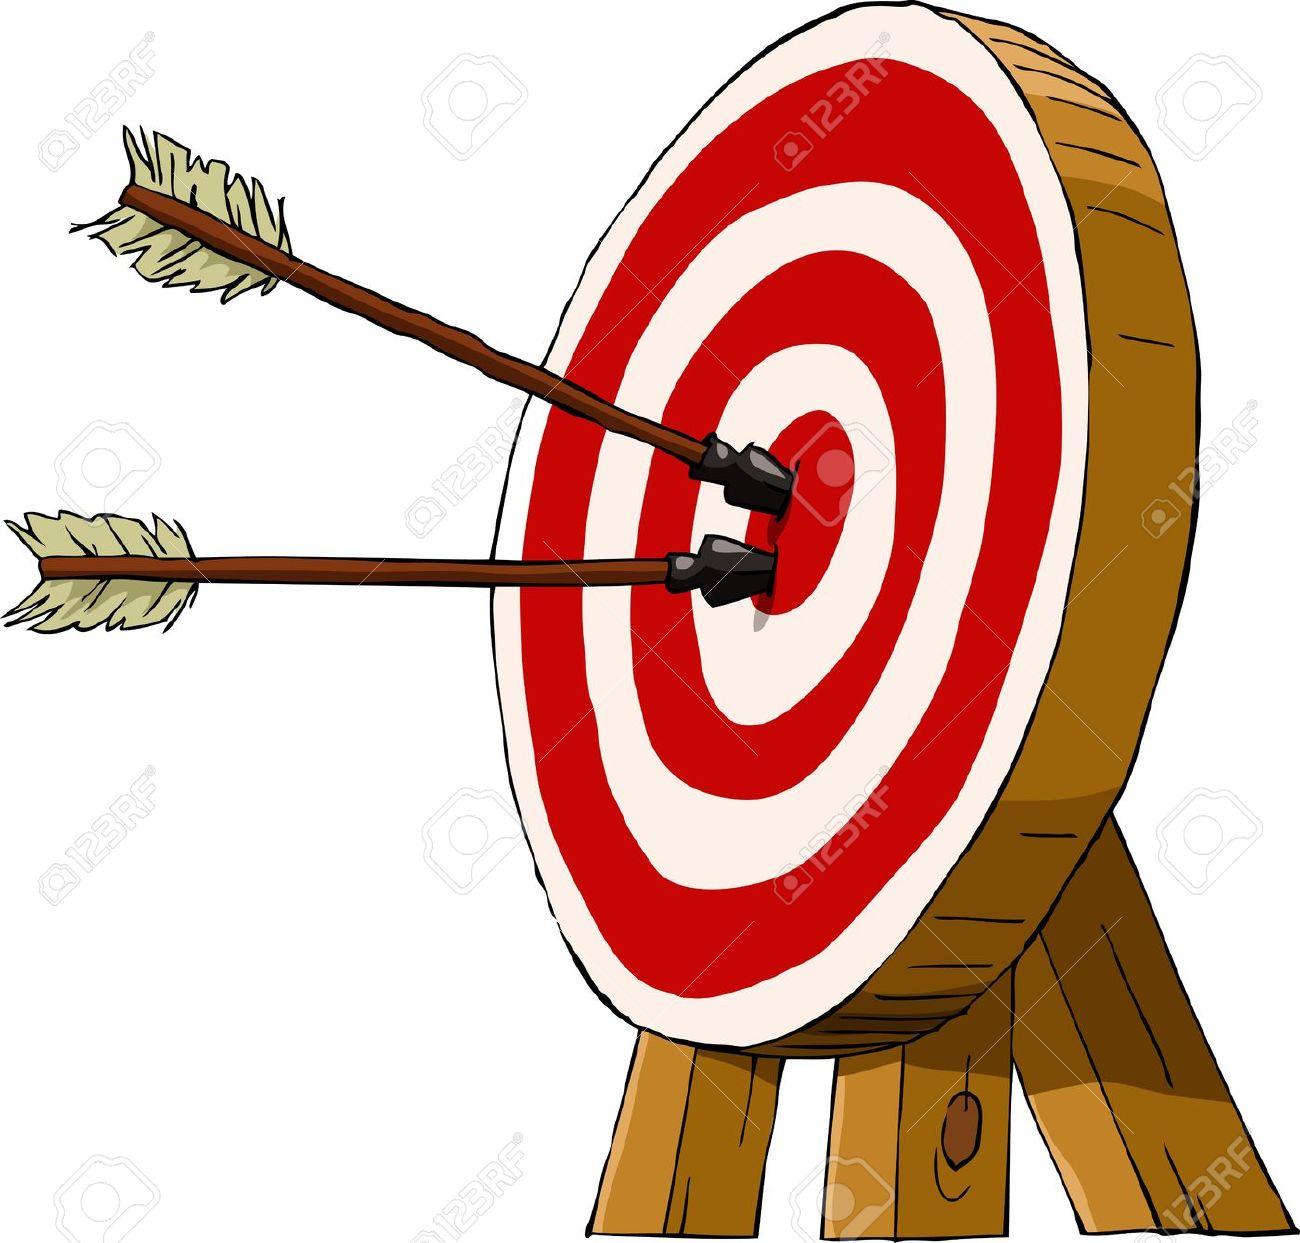 Archery arrow clipart